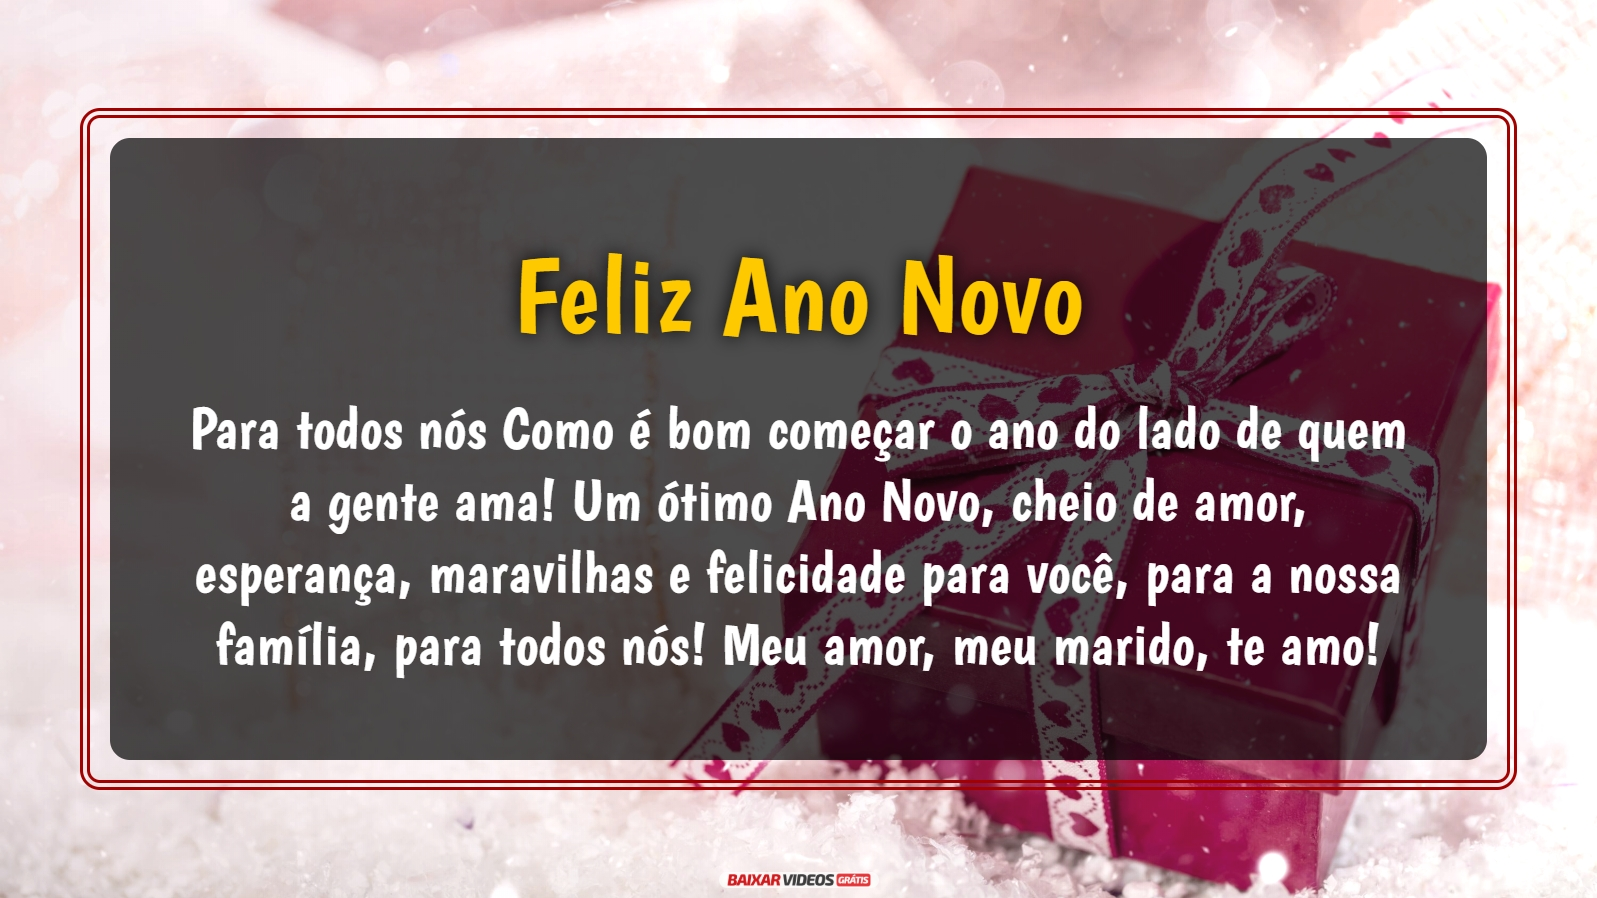 Um ótimo Ano Novo, cheio de amor